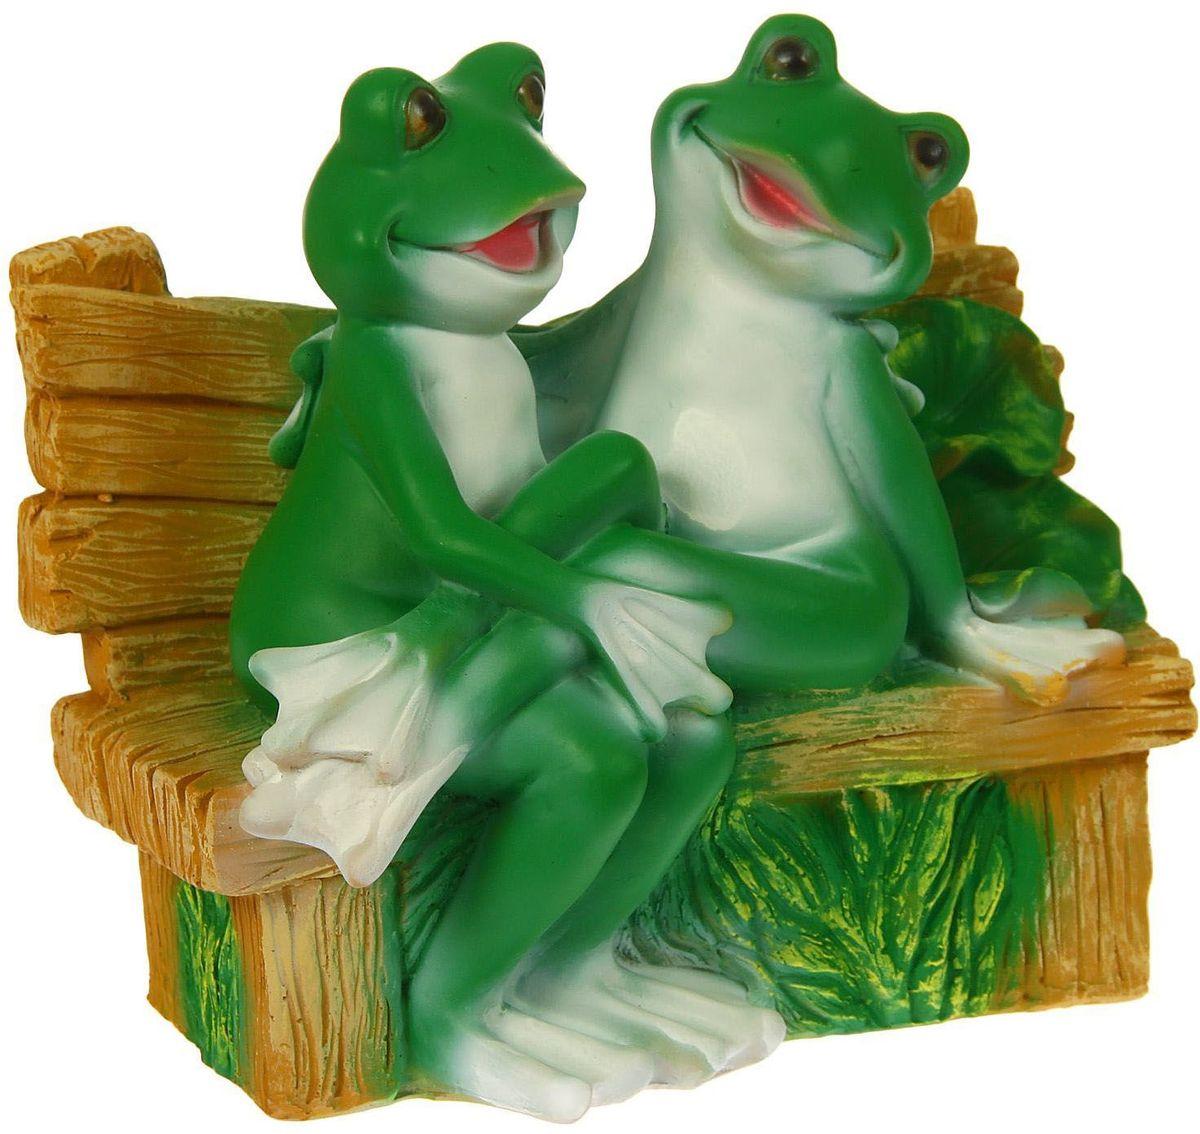 Фигура садовая Пара сидящих лягушек на лавке, 20 х 31 х 28 см1259553